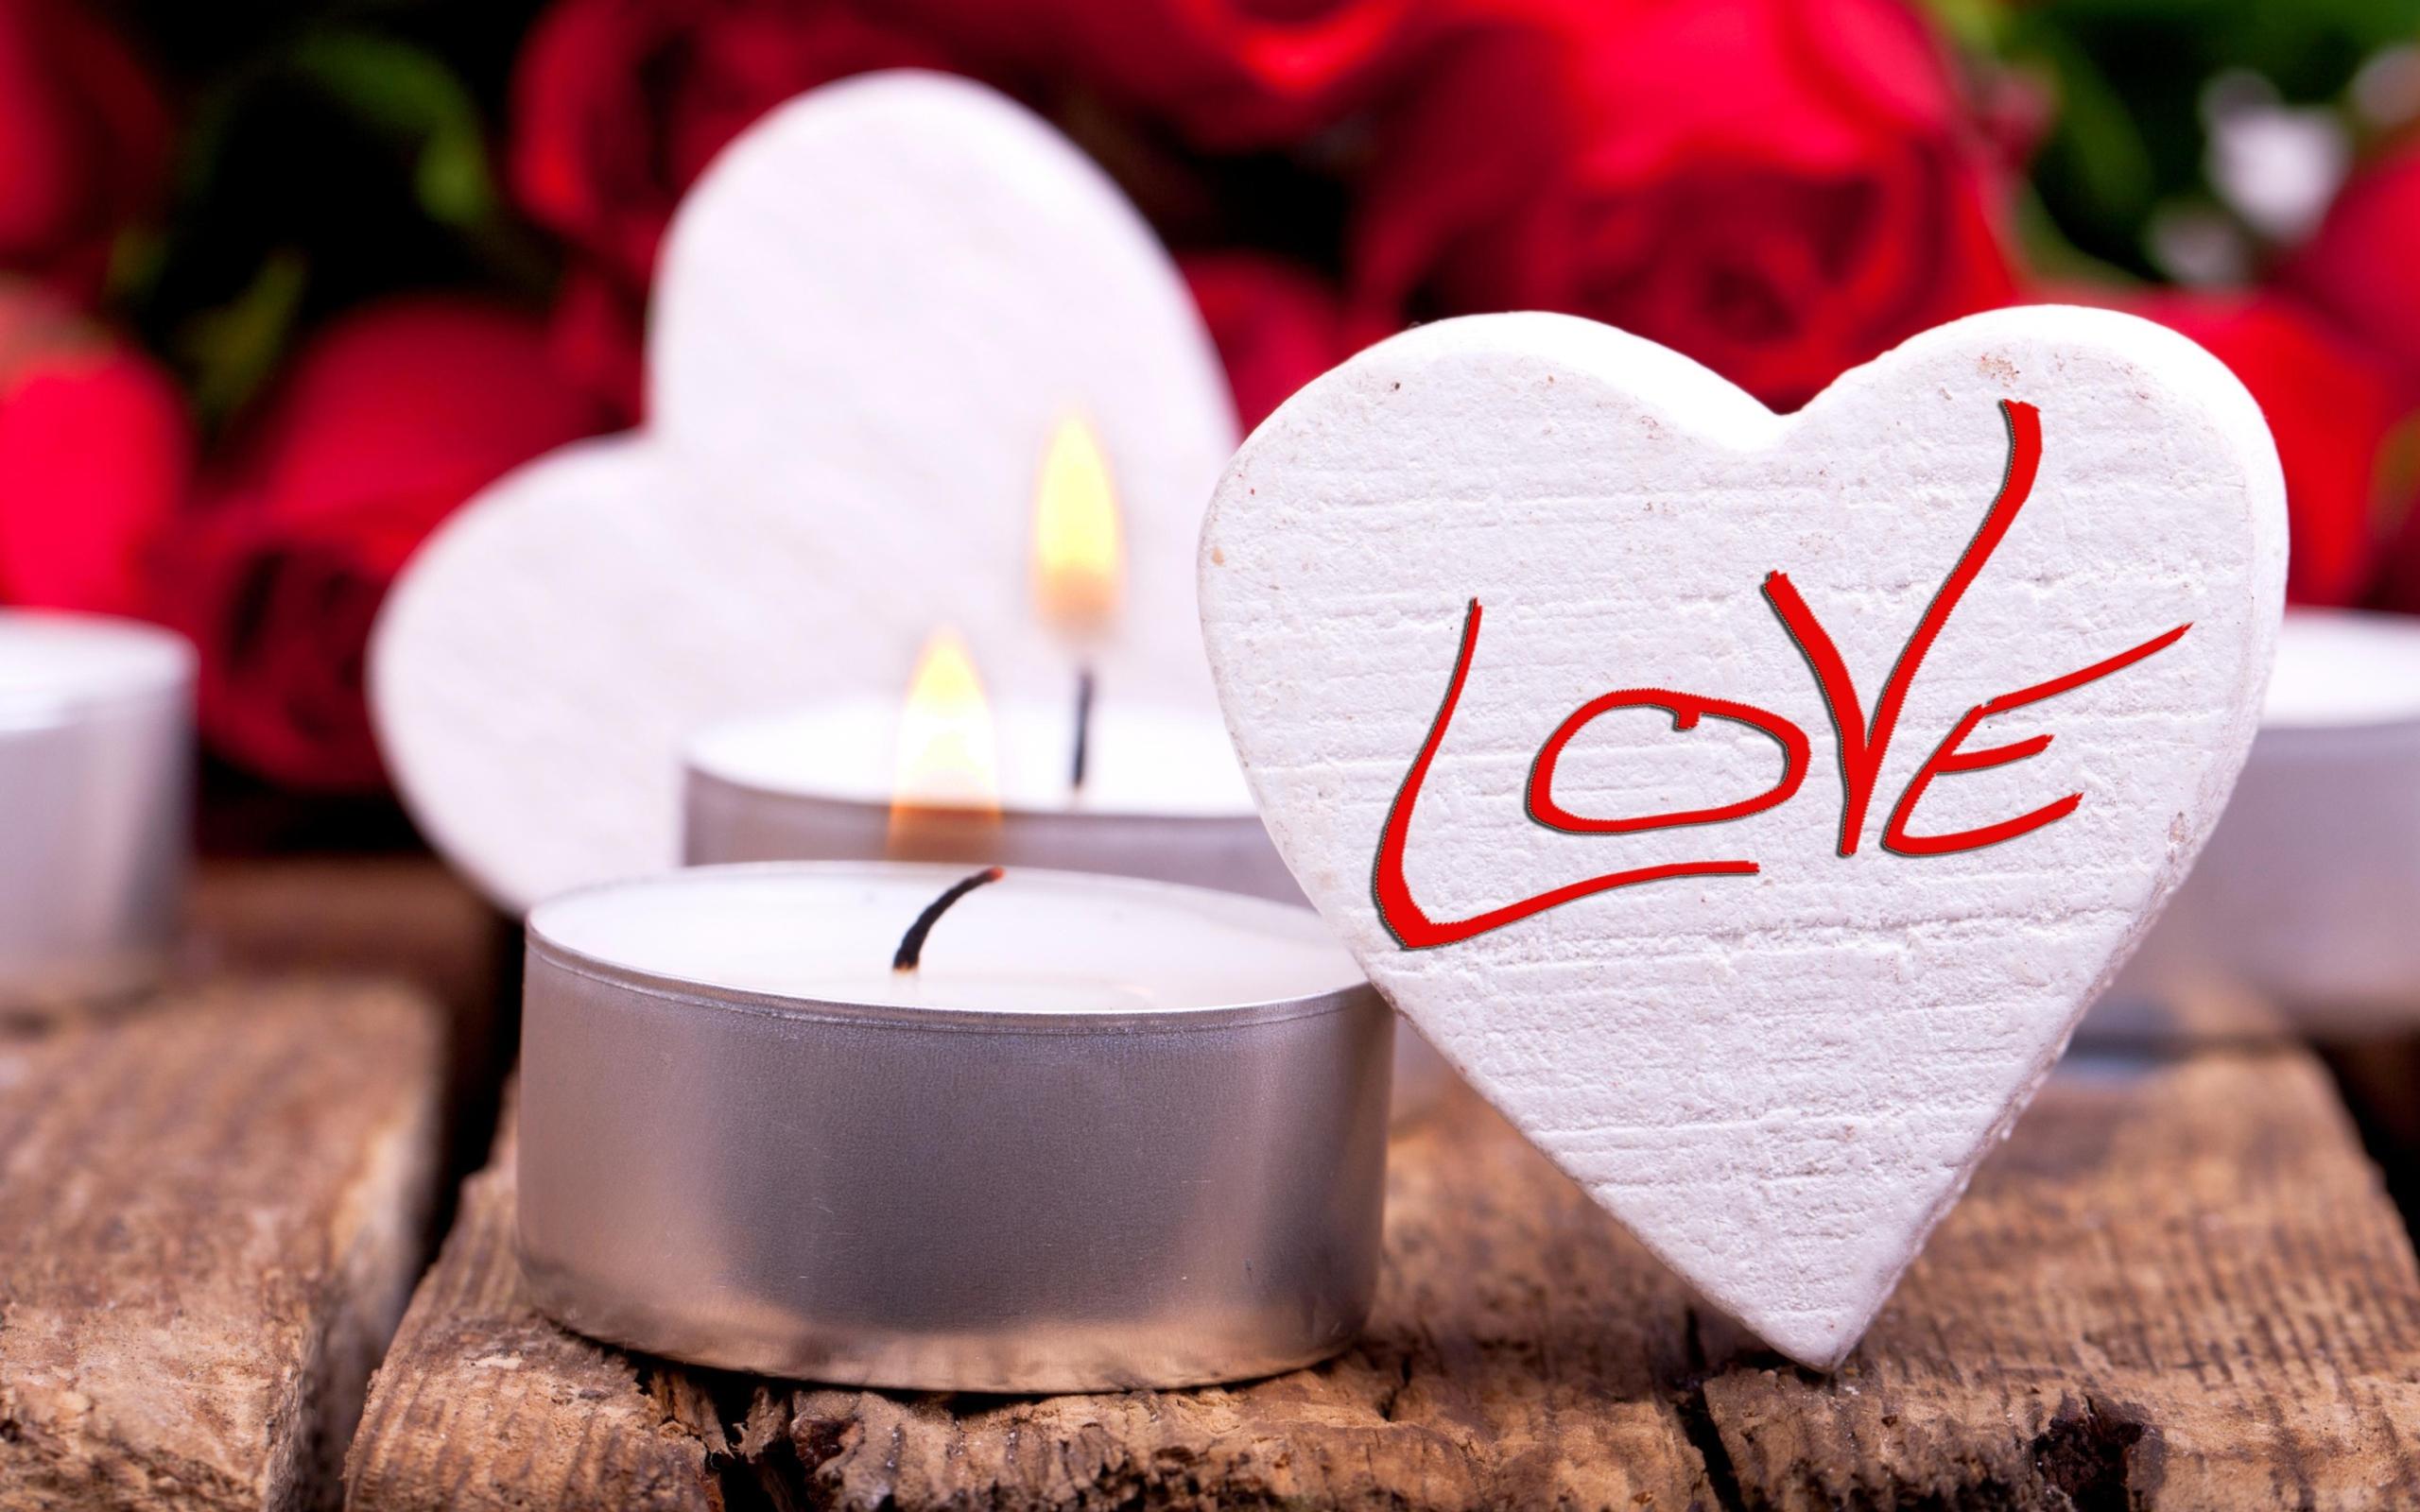 сердце свеча доски  № 3937763 бесплатно